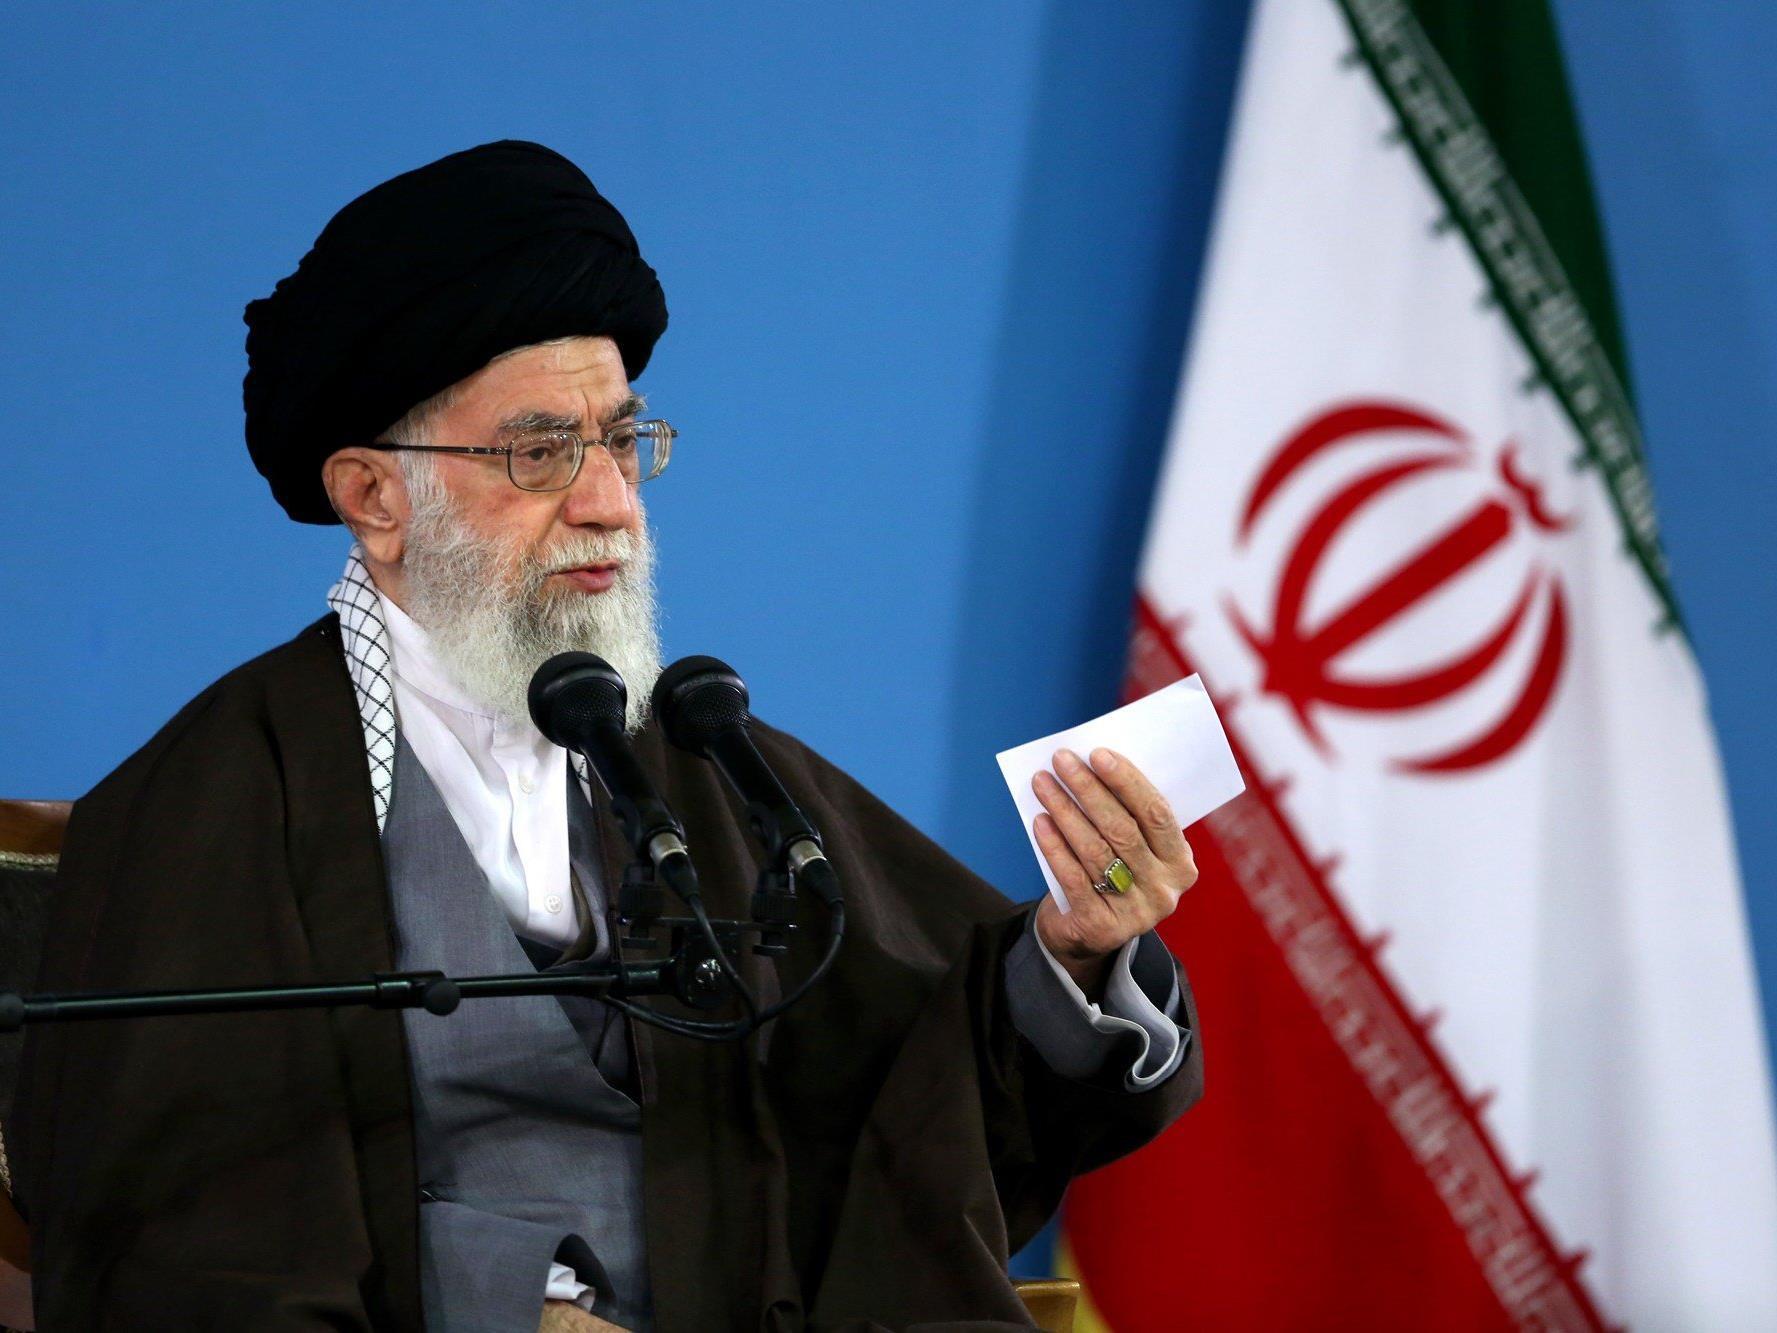 Irans oberster religiöser Führer, Ali Khamenei, gilt als Hardliner gegen den Westen und dürfte nichts gegen den Wettbewerb haben.